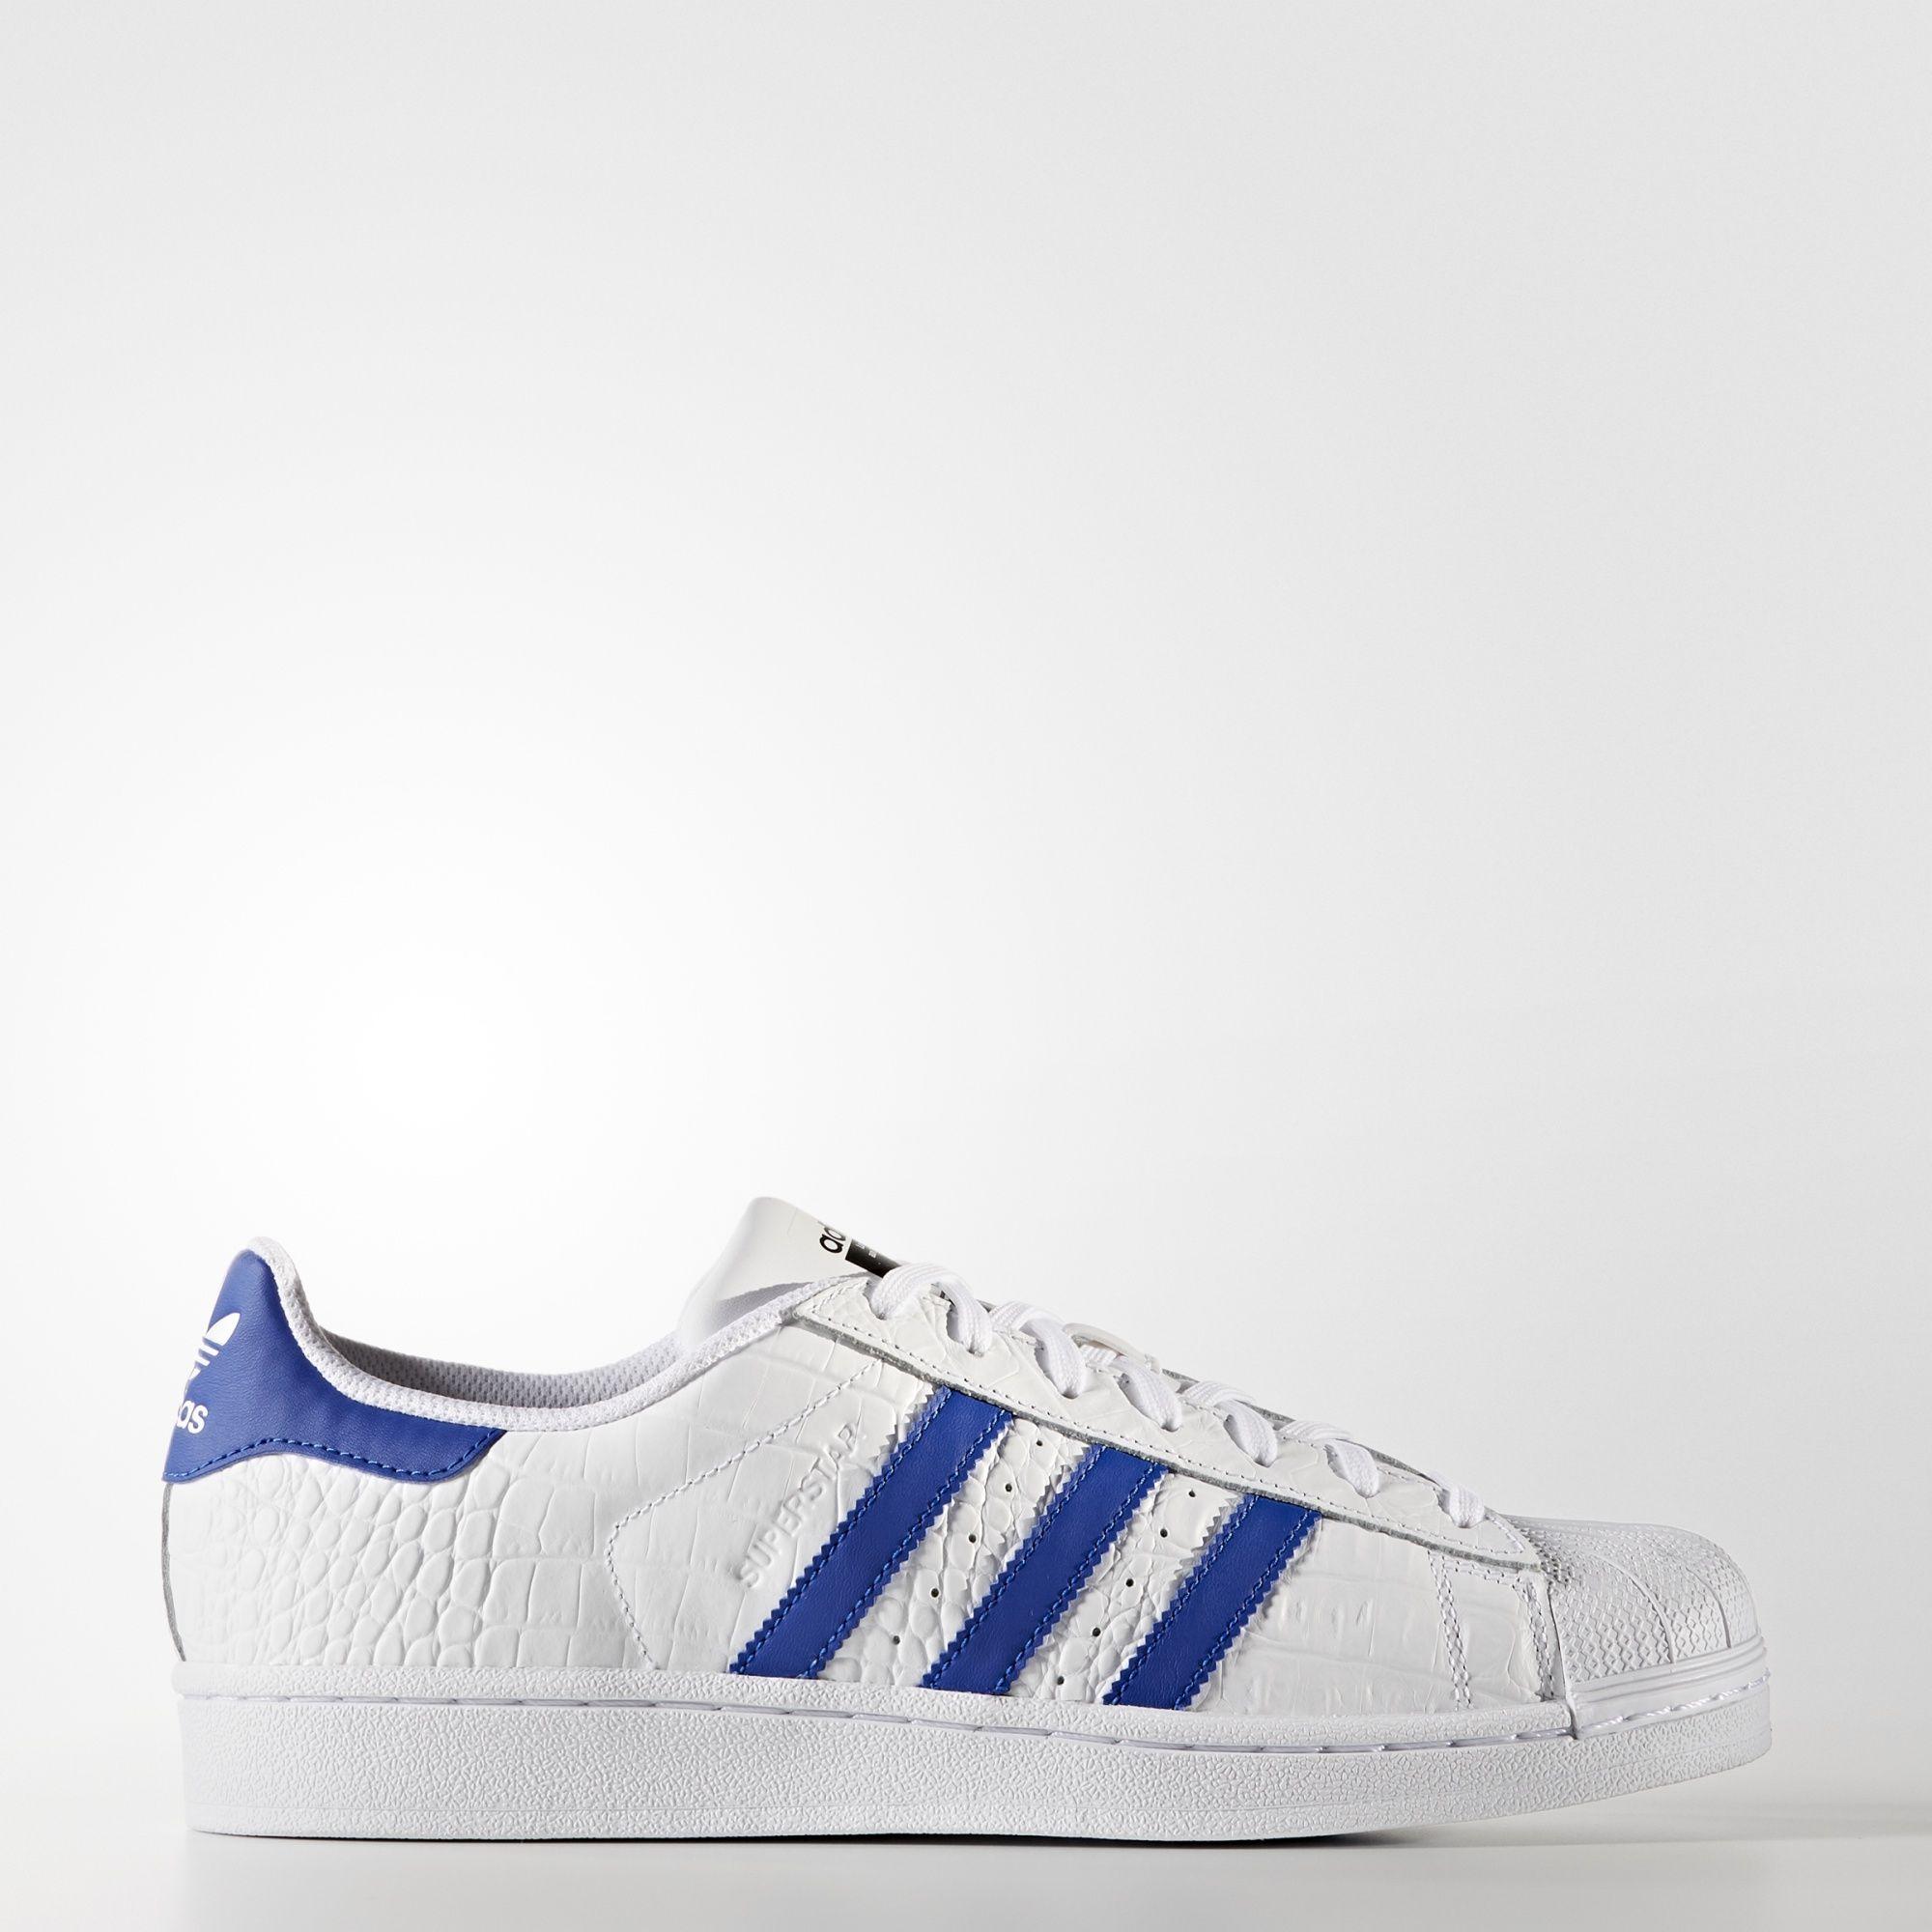 best authentic 5805d 77b08 Découvrez Original Réduction Adidas Superstar Homme Chaussures Pas Cher   Royer2l3O61394